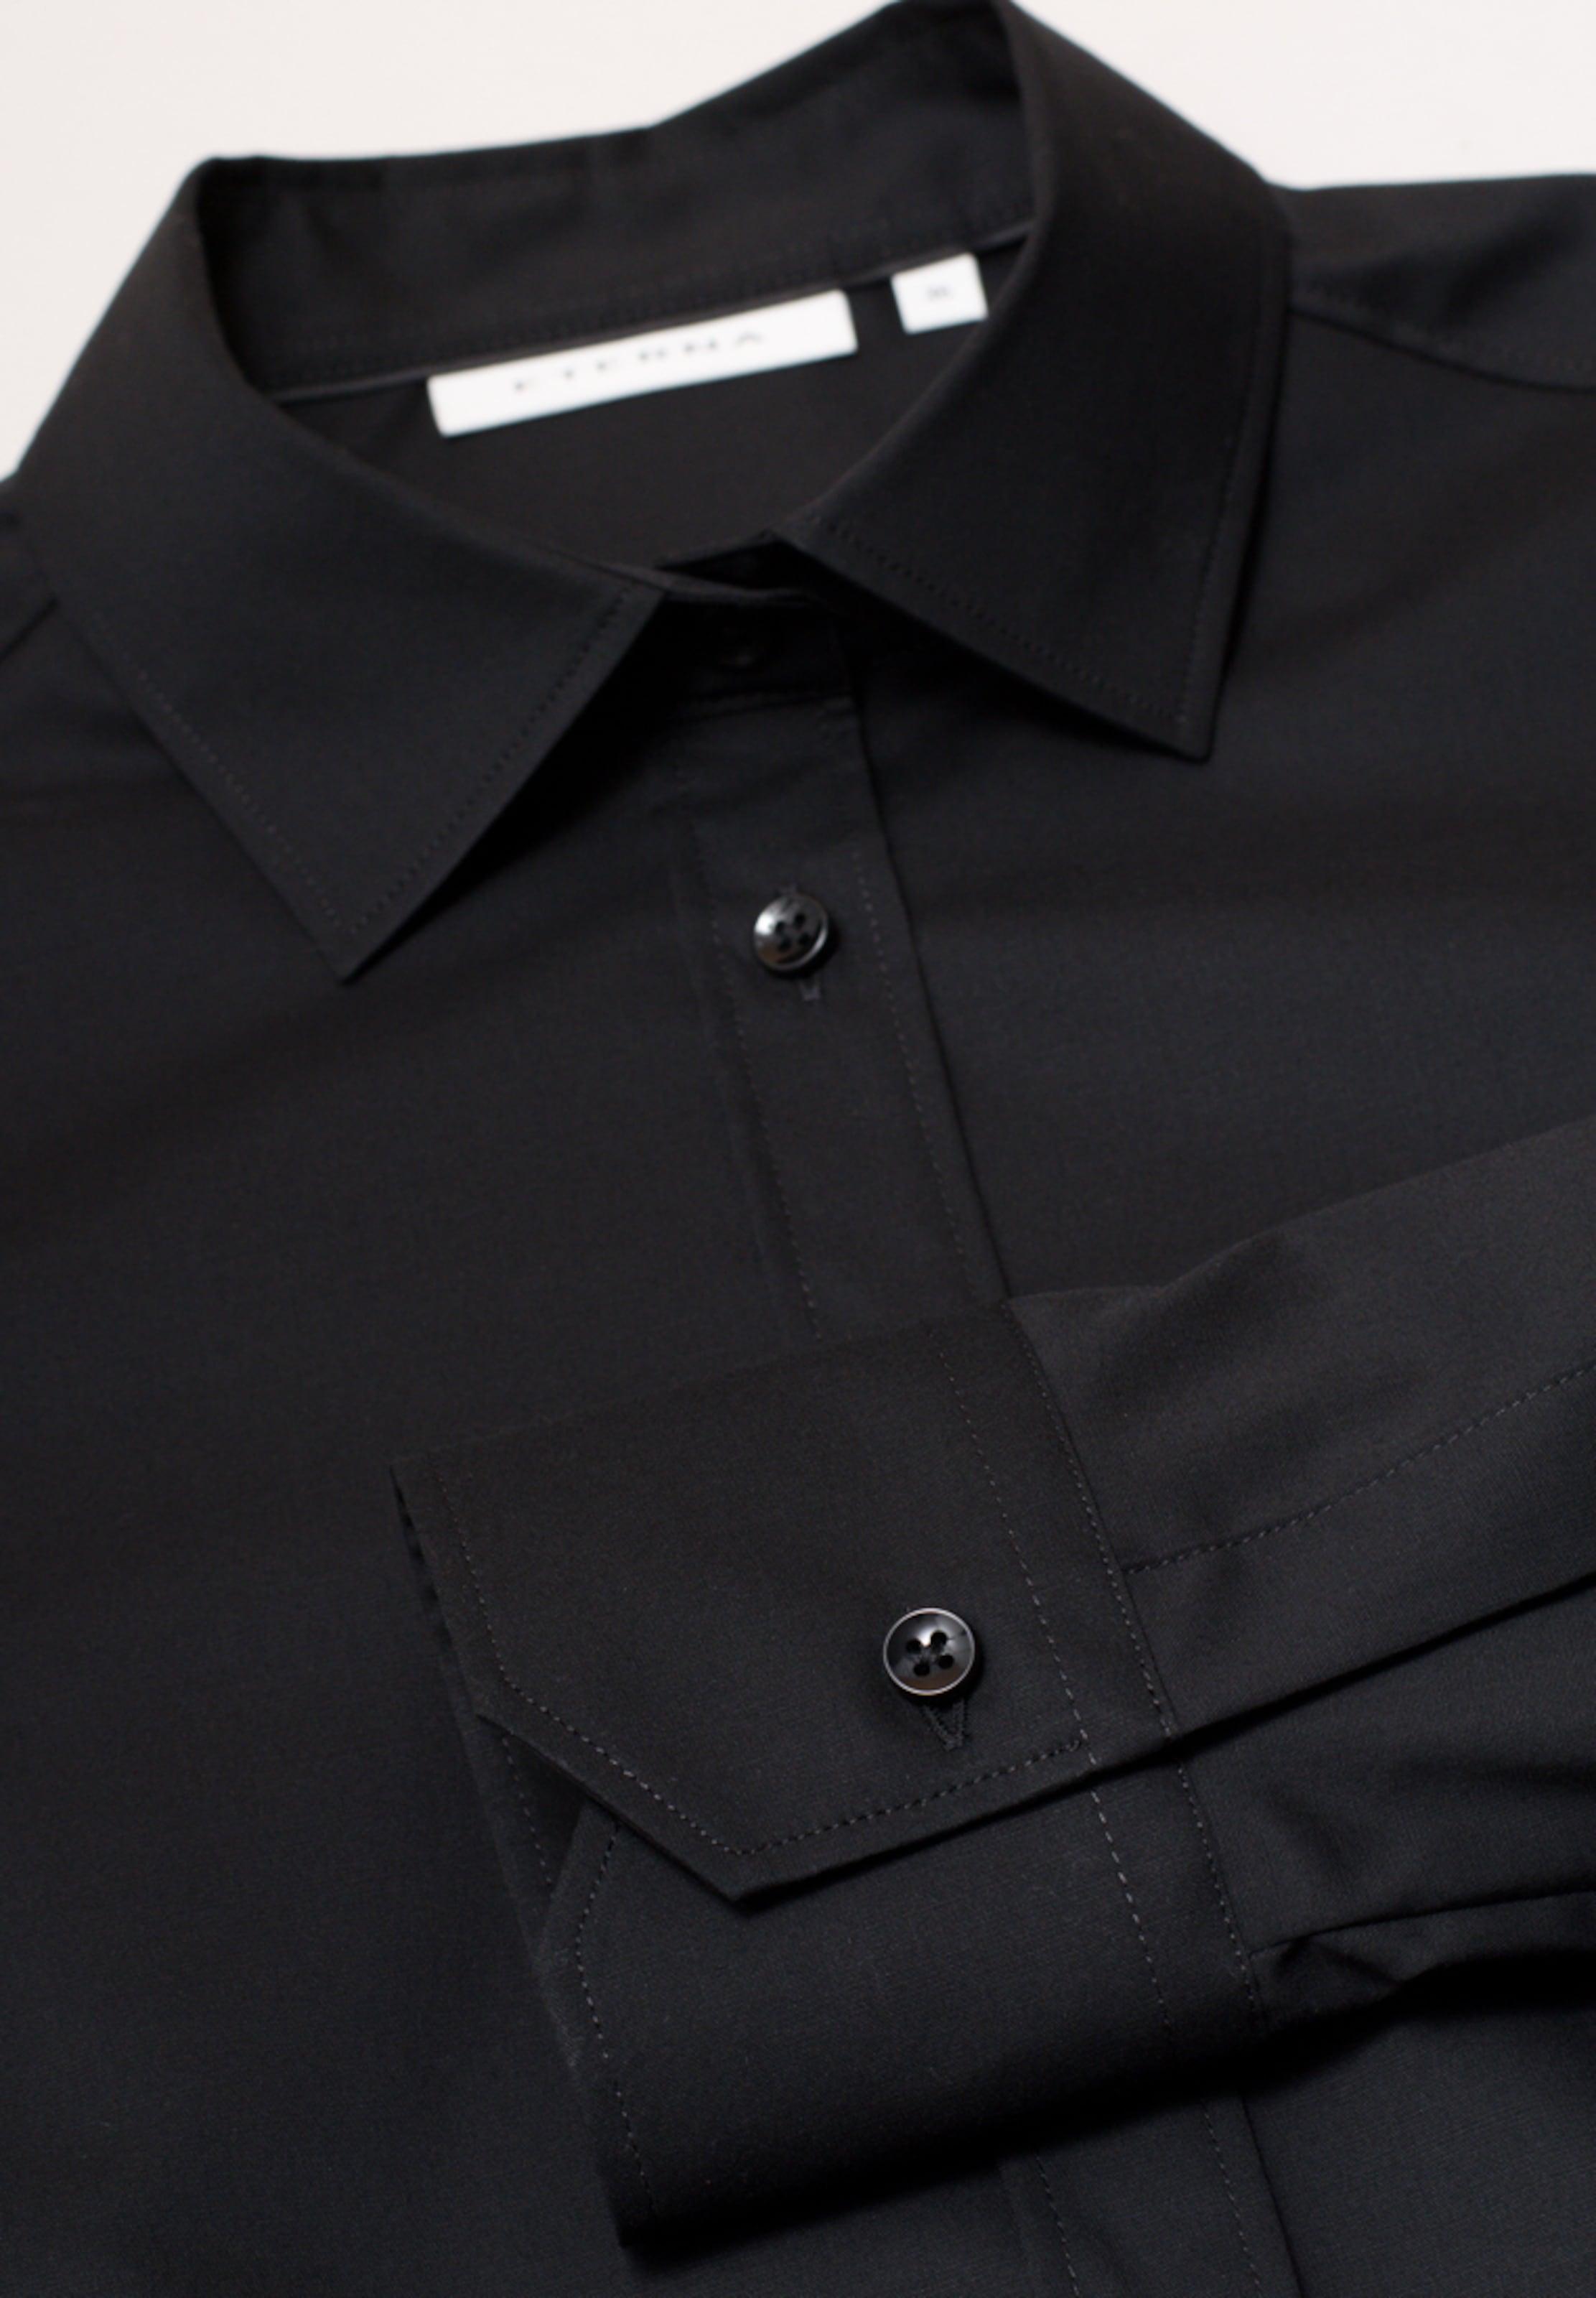 Verkauf Der Neuen Ankunft ETERNA Bluse 'MODERN CLASSIC' Extrem Zum Verkauf Billig Auslass Amazon Heißen Verkauf Günstiger Preis e2nLH1J